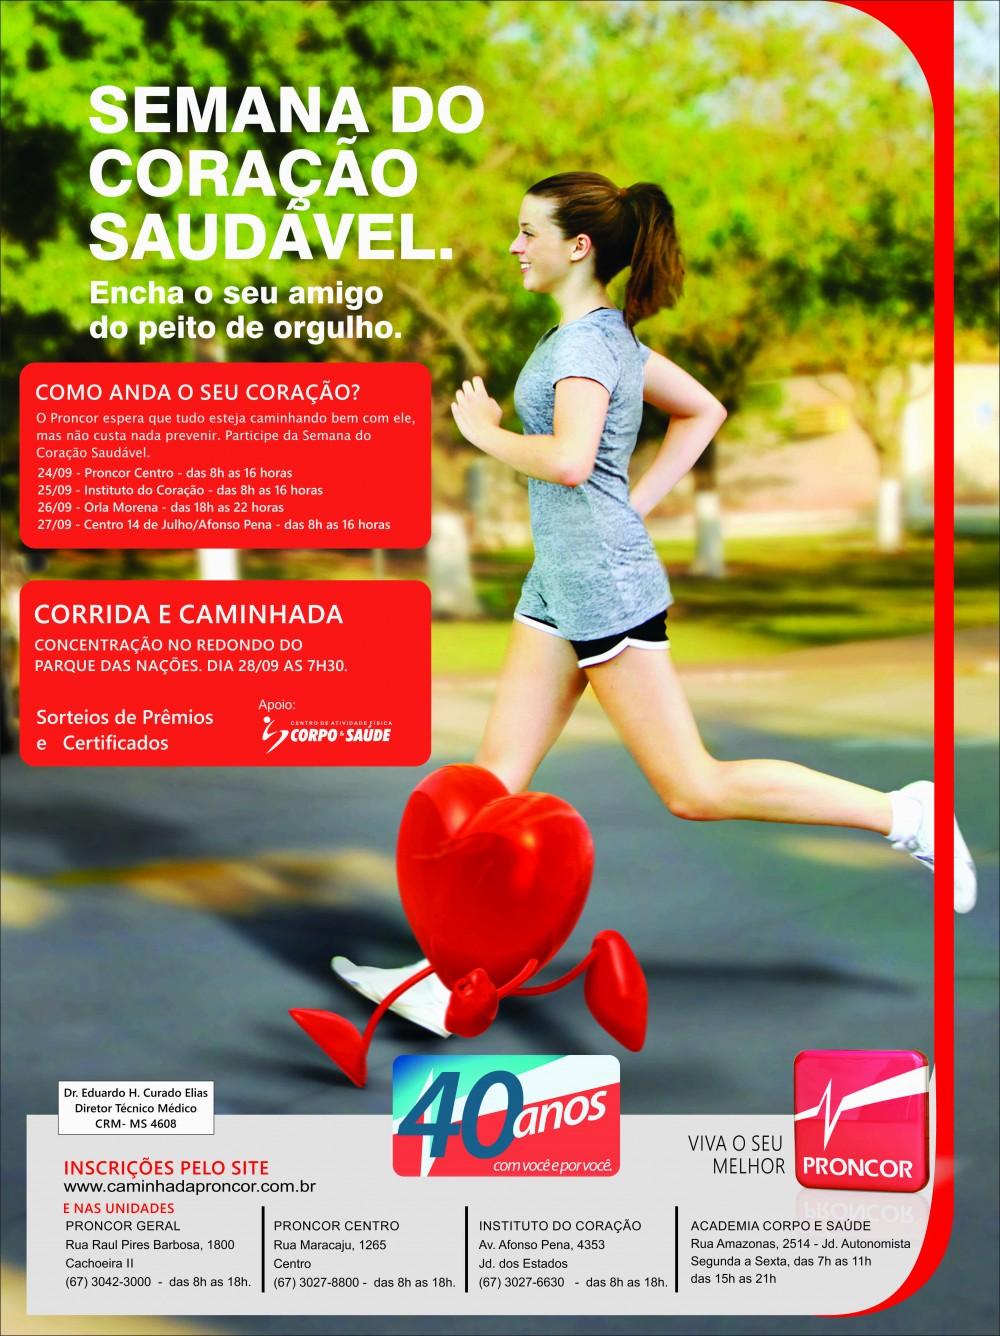 Semana do Coração Saudável-banner/panfleto